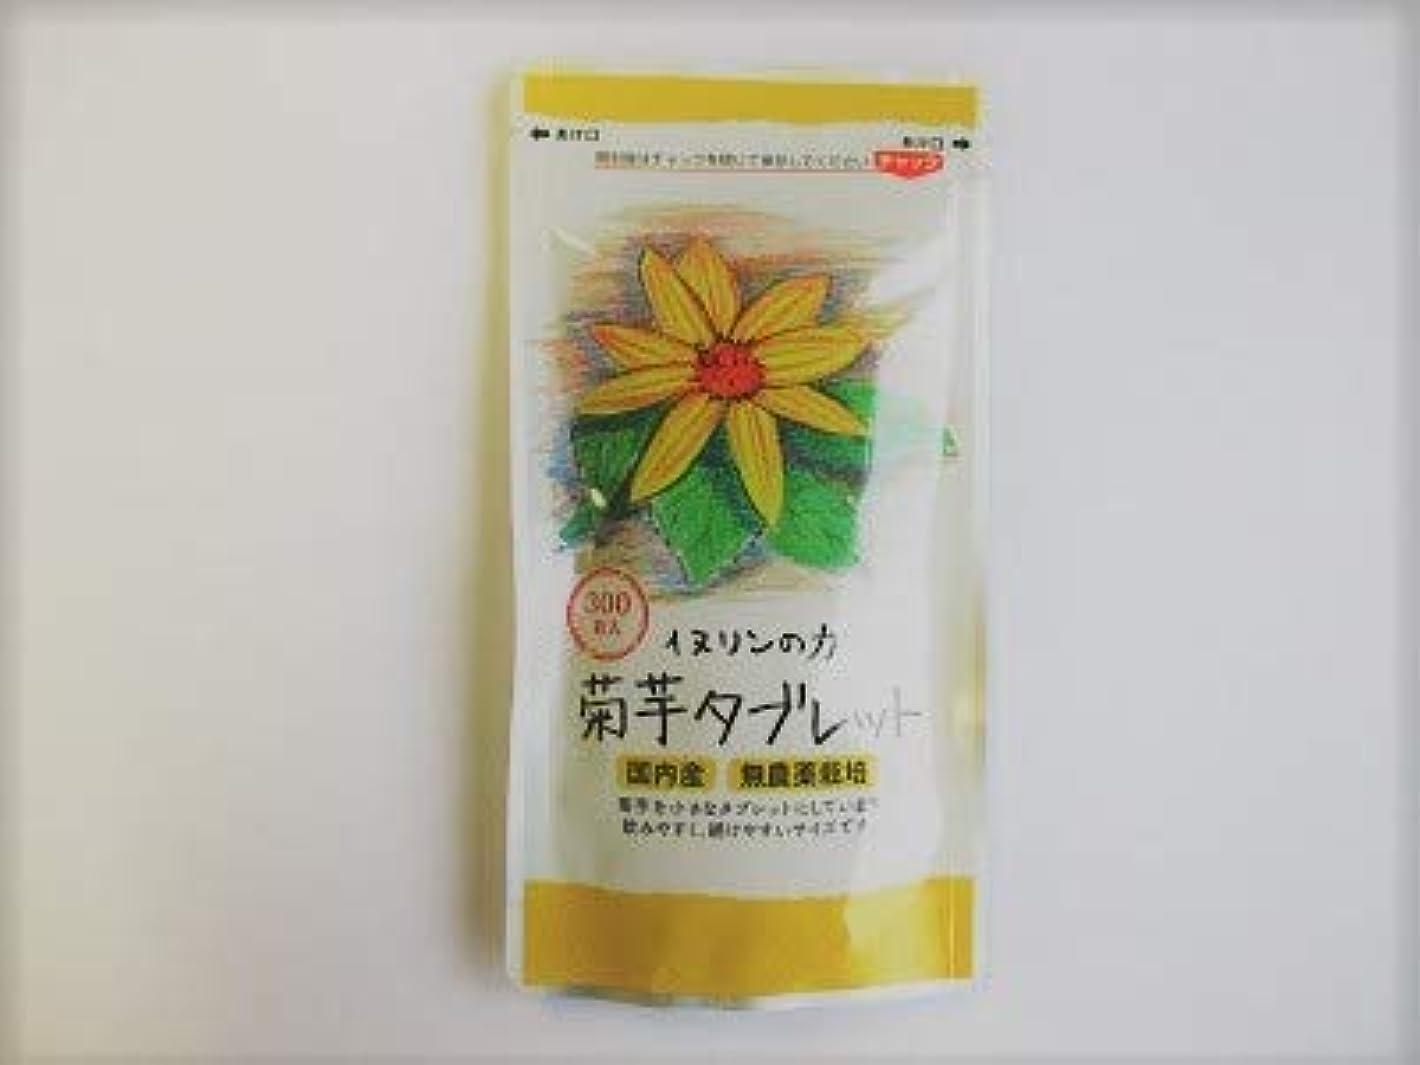 更新する受け皿カウントアップ菊芋タブレット 250mg×300粒 内容量:75g ★1袋で生菊芋=660g分相当です!